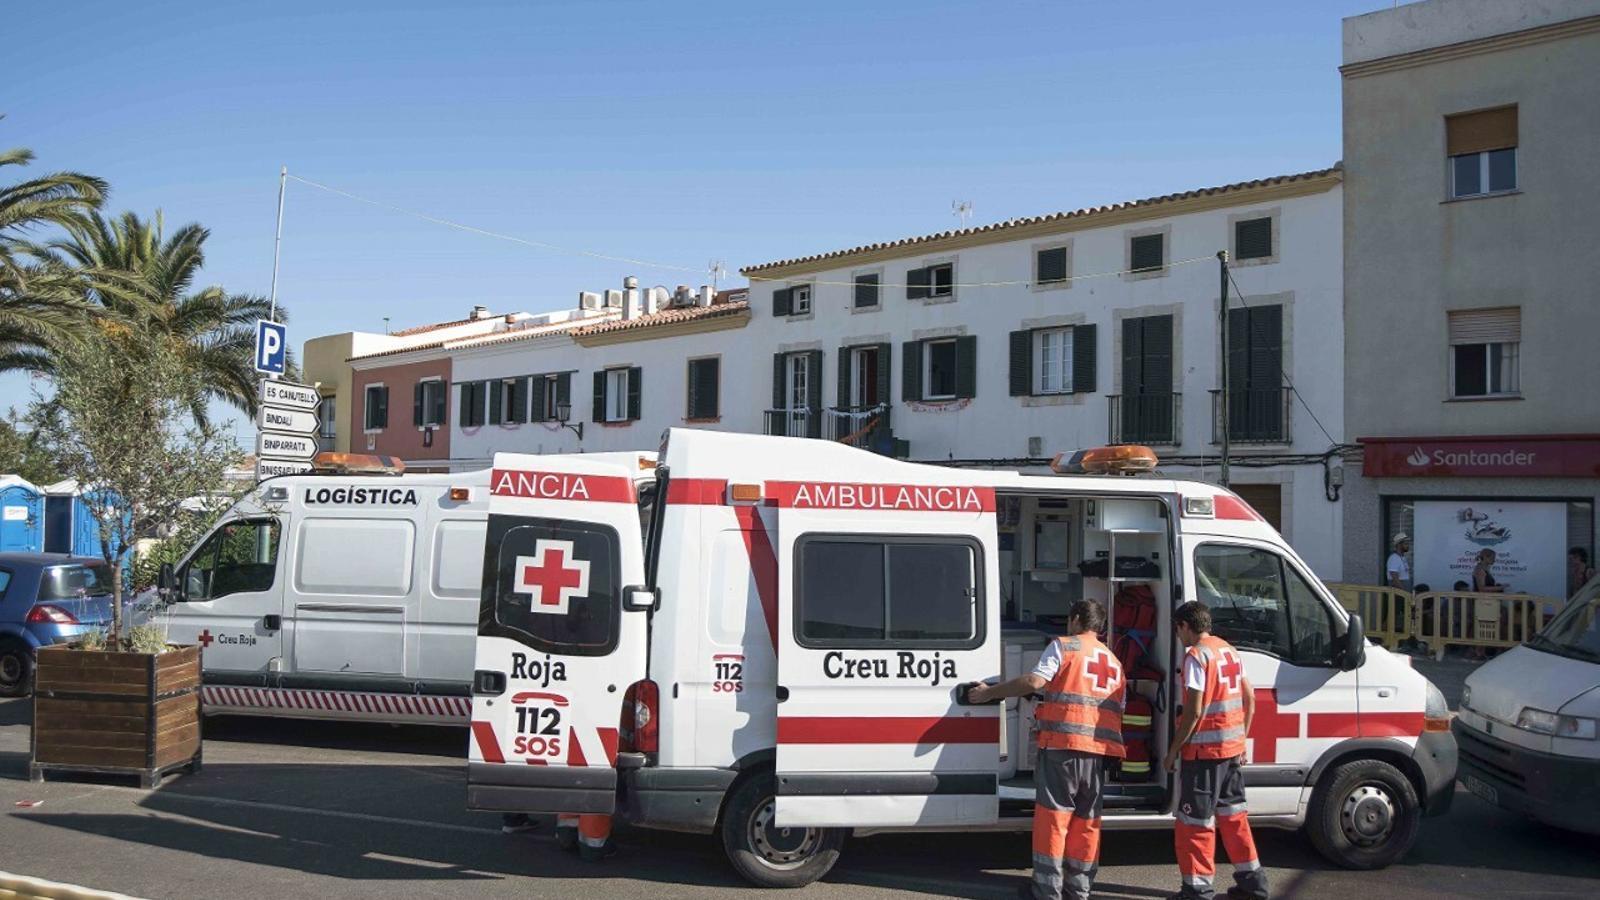 Els serveis sanitaris han tingut un dia amb molta feina a les festes de Sant Climent.